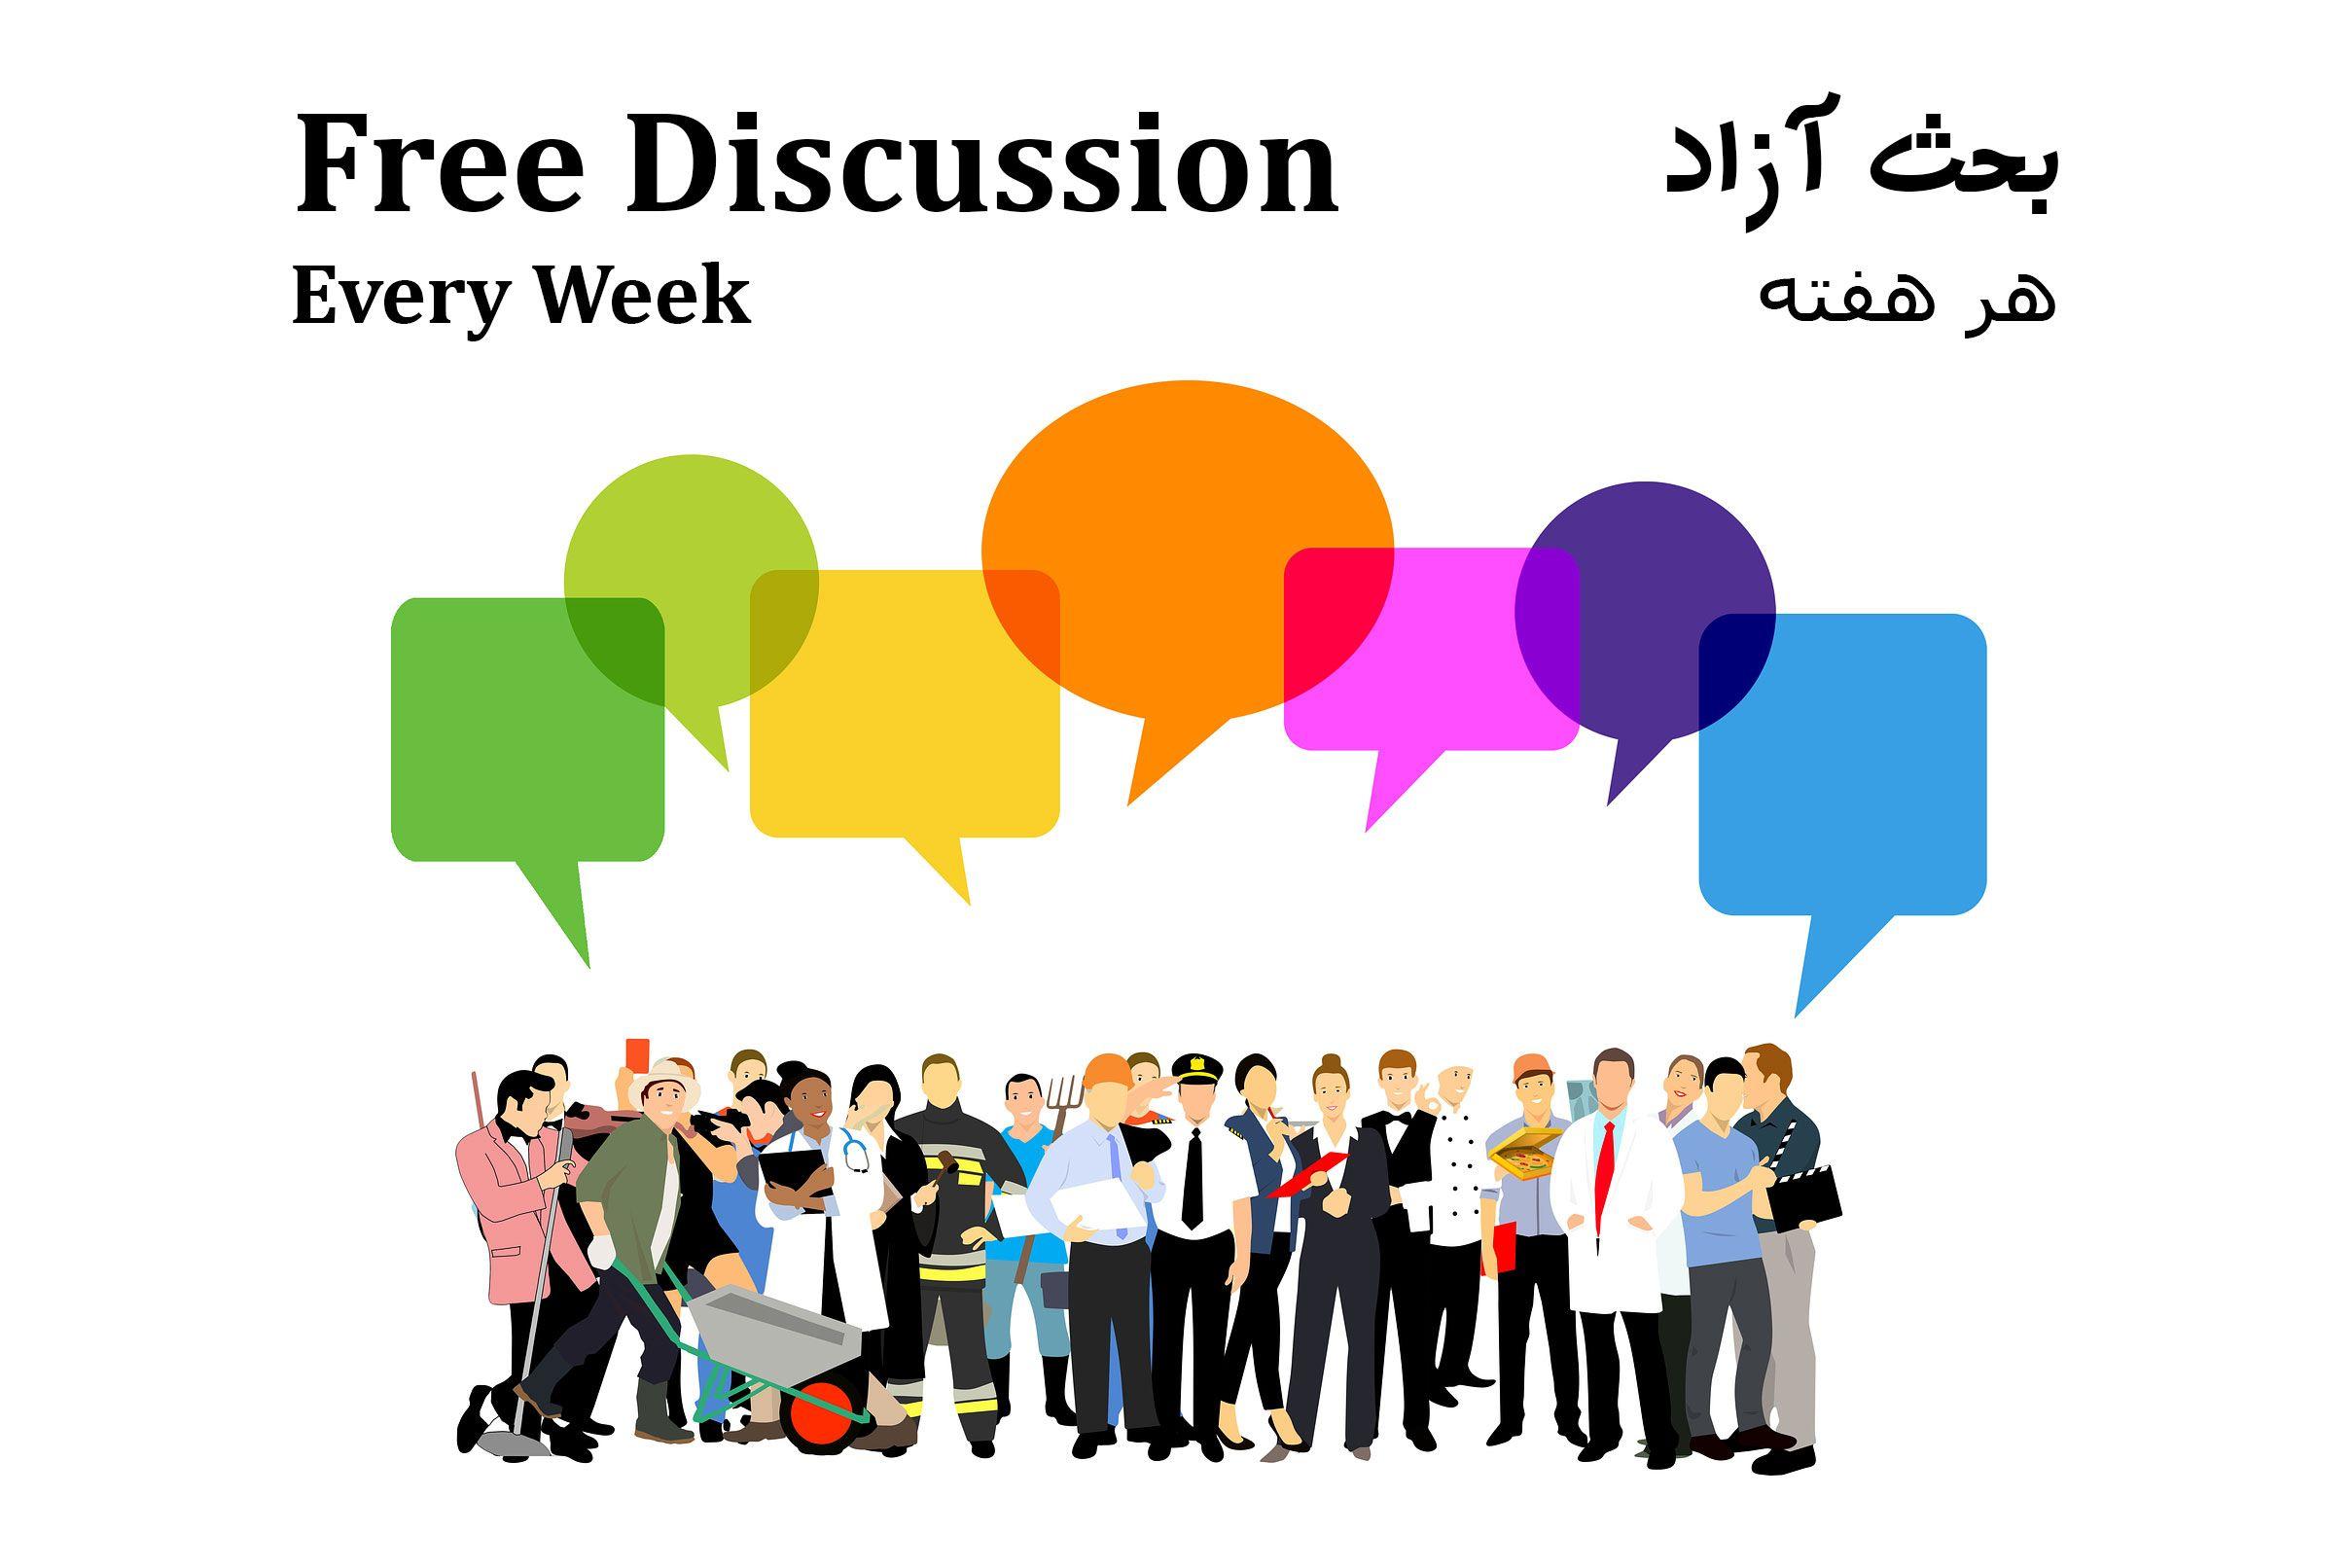 کلاس های بحث آزاد